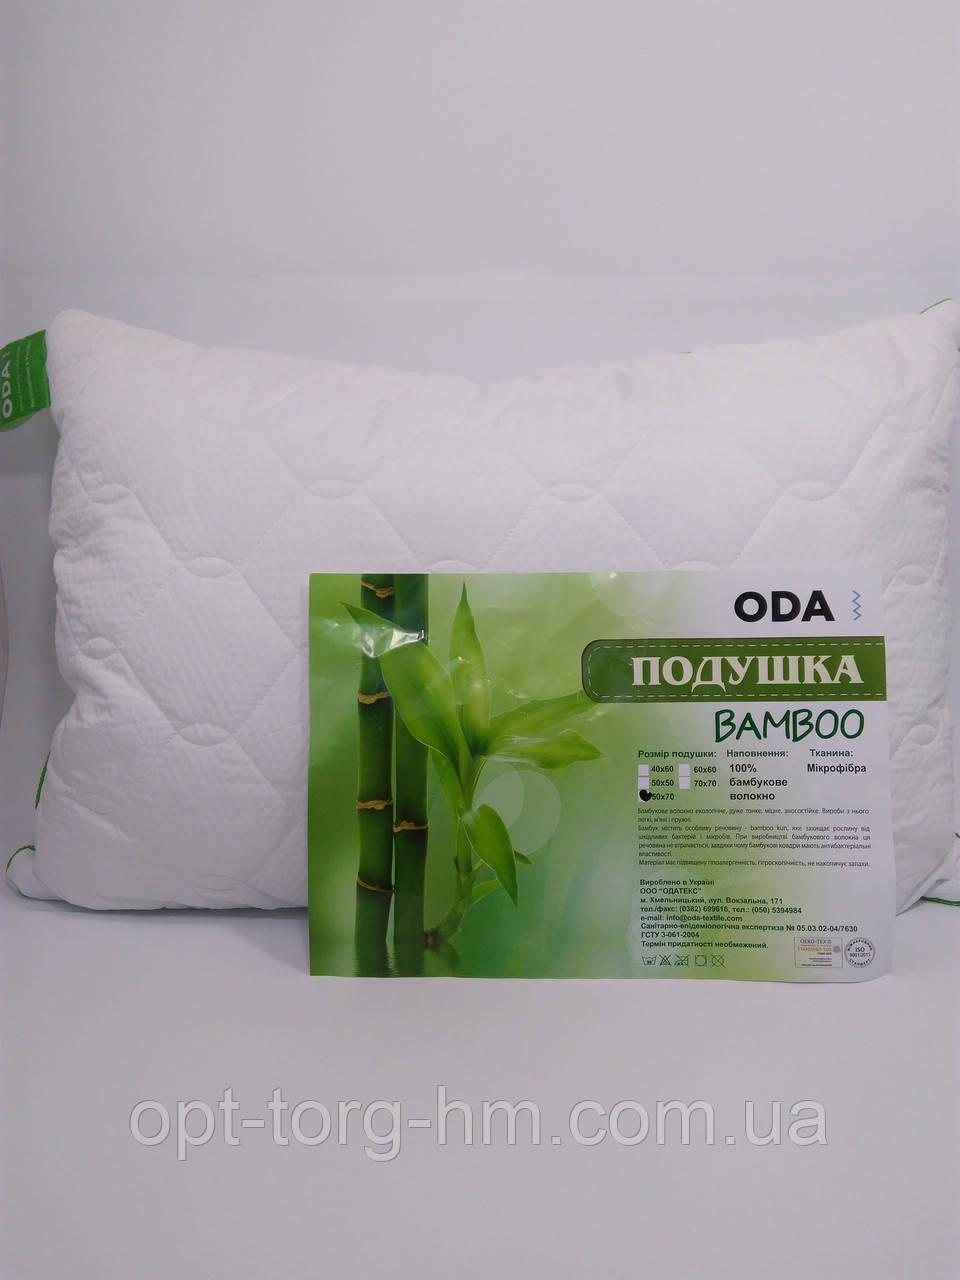 Подушка Bamboo 50*70 ОДА